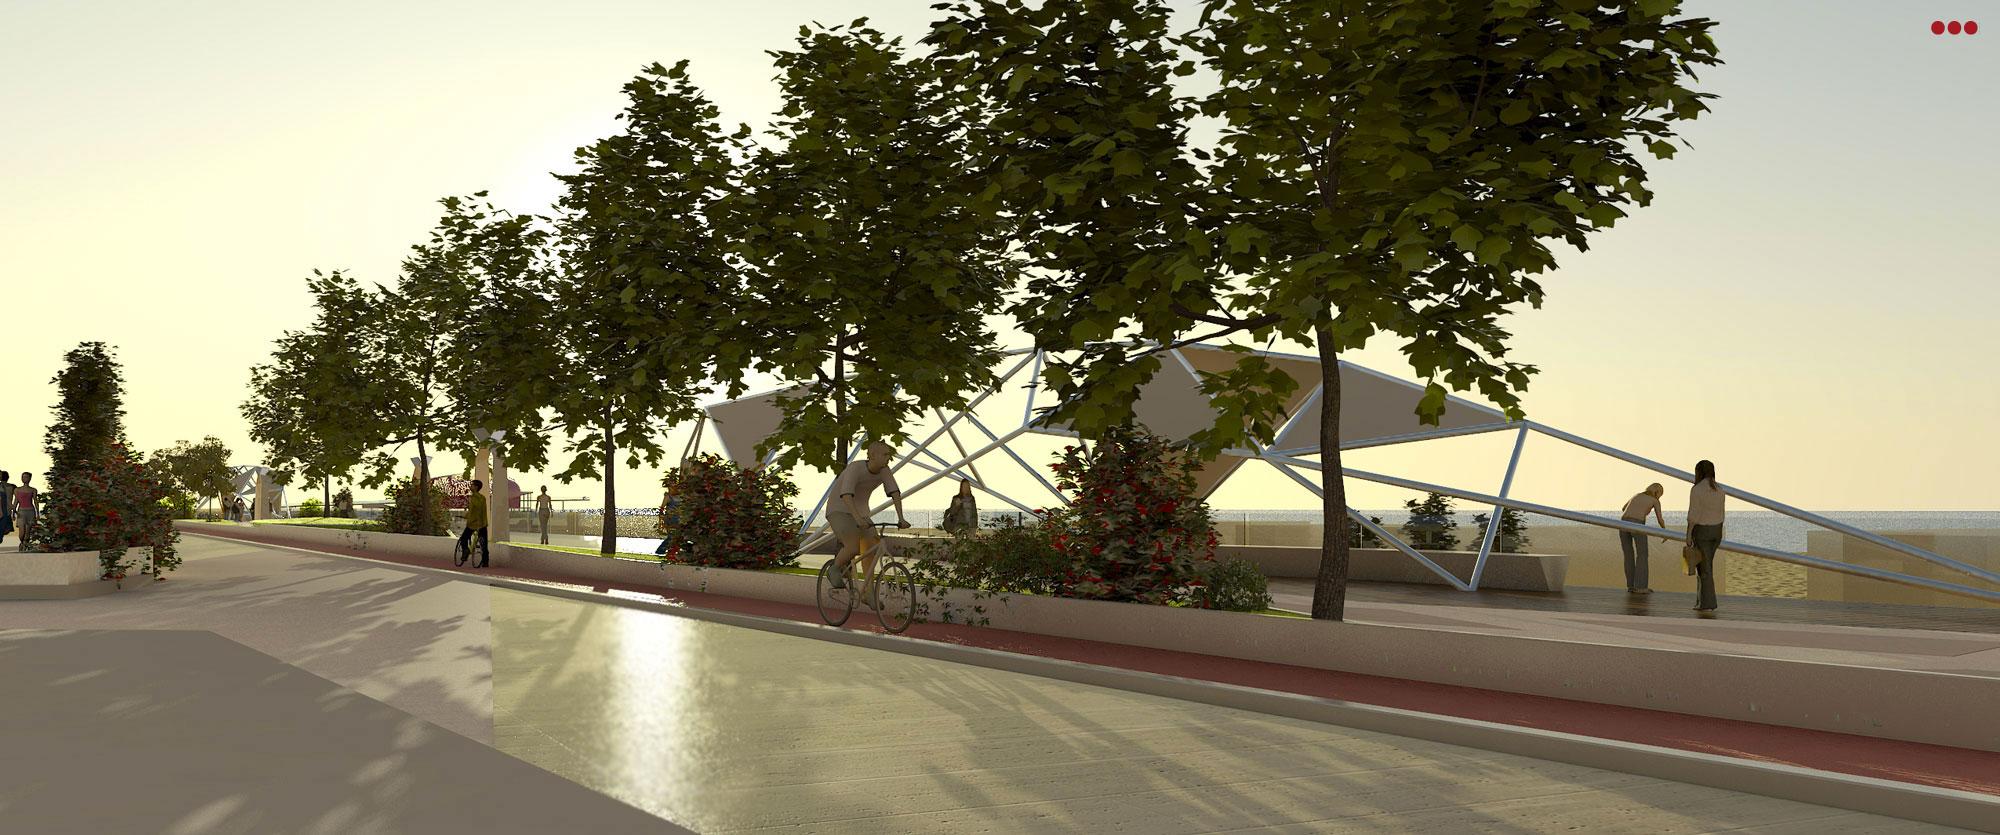 Progetto Rendering Modeling lungomare Cattolica Rimini 3D Studio Bartolini 5.1